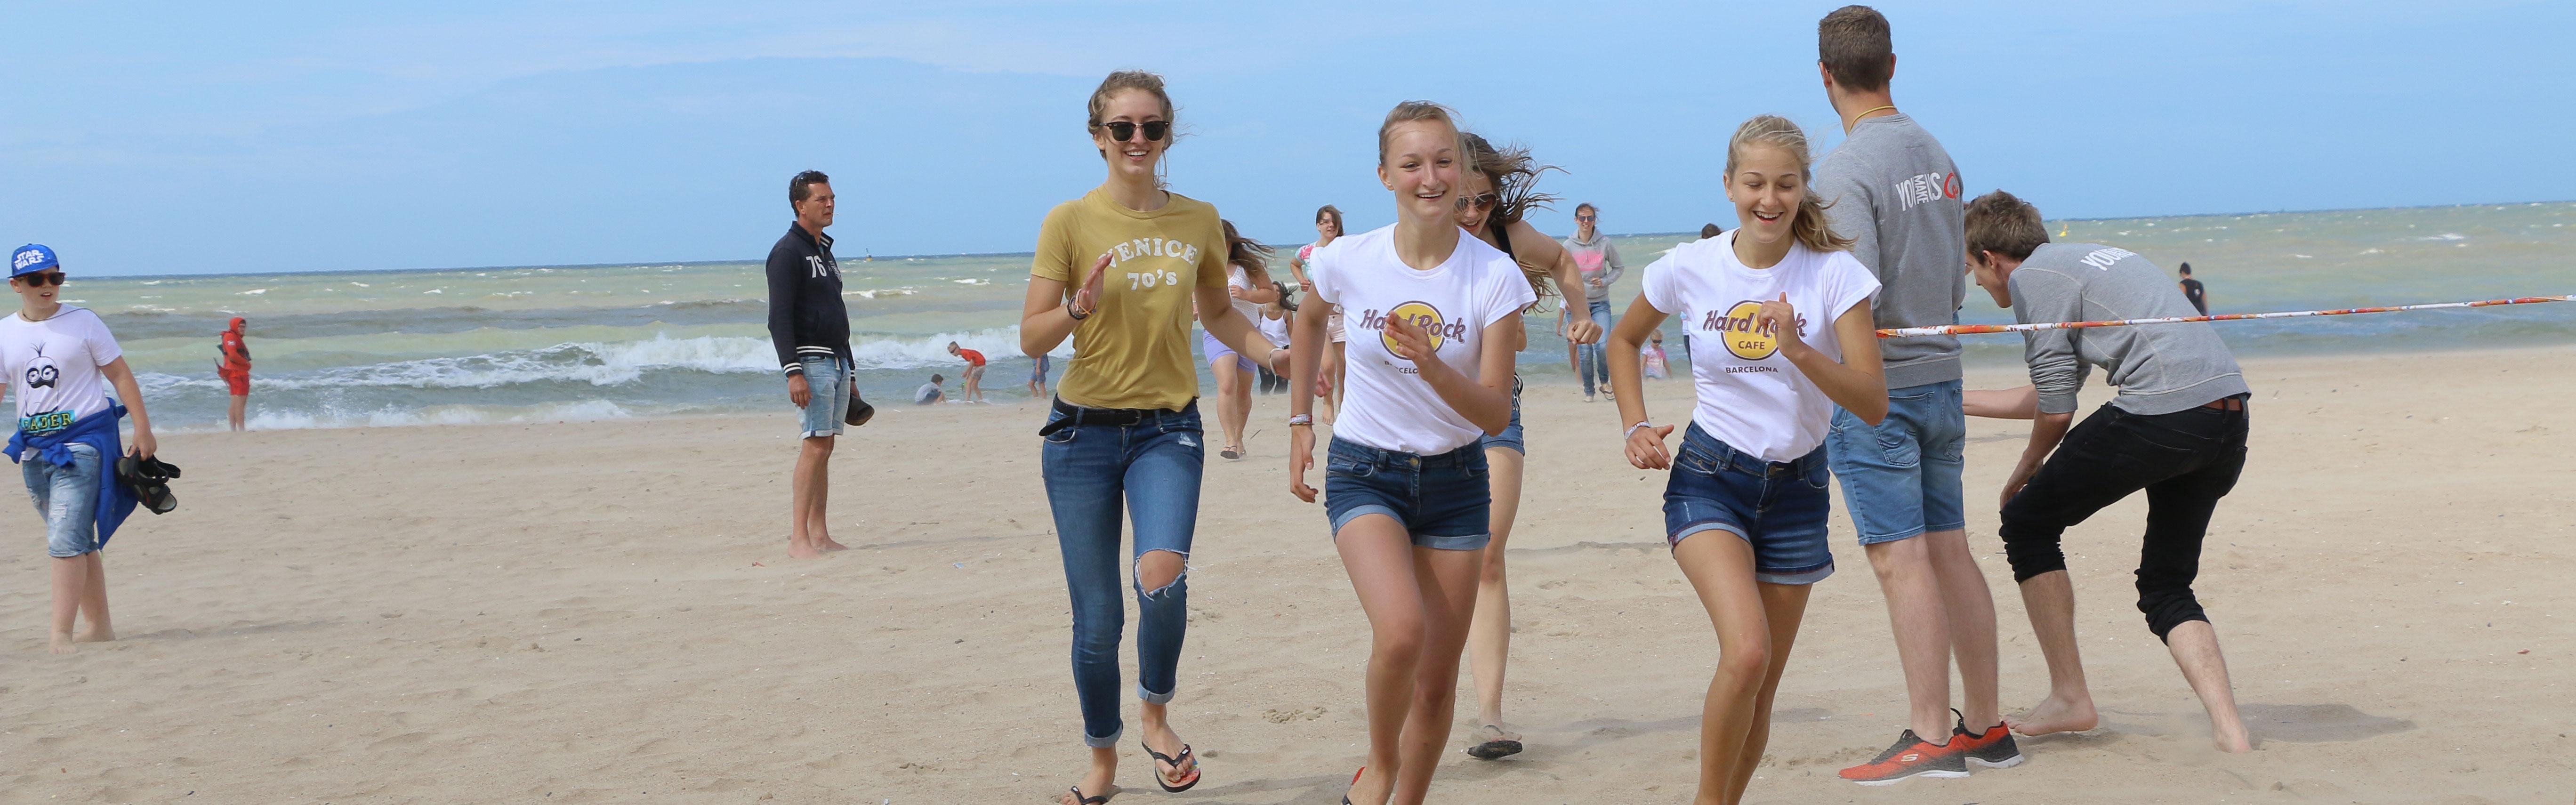 Strandspelenheader2